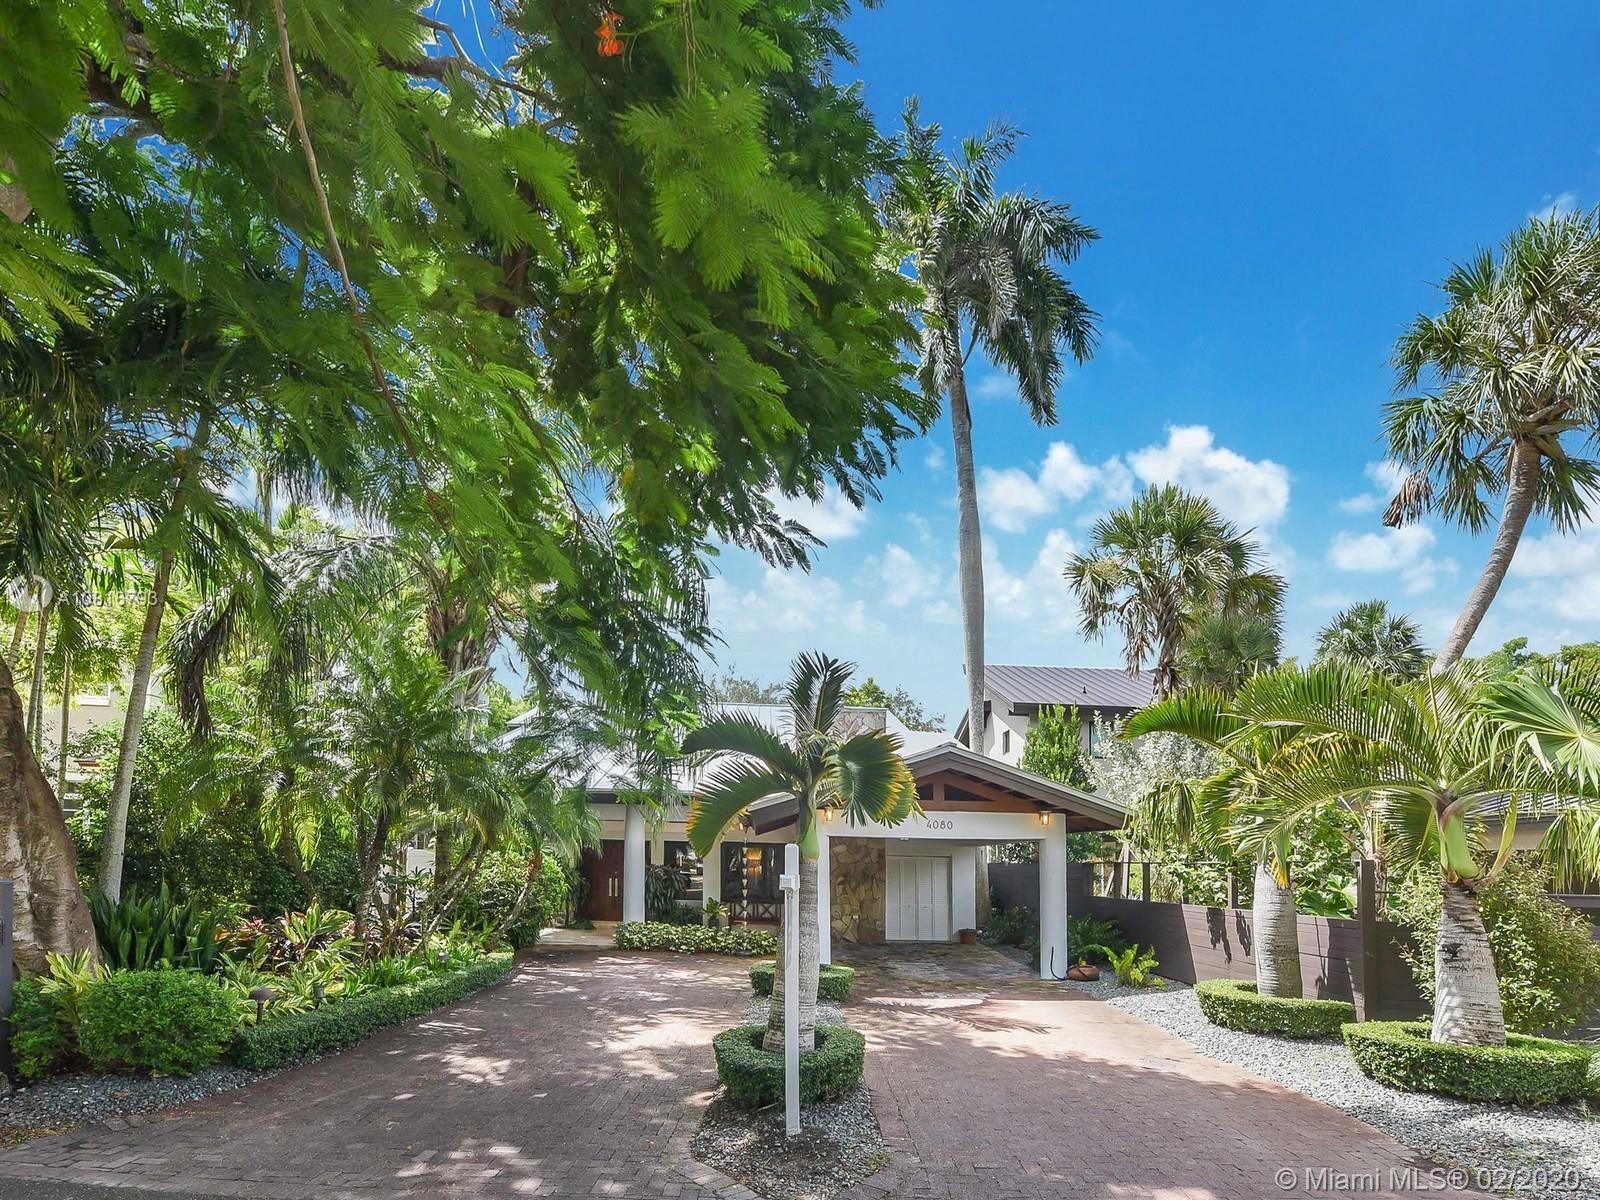 4080 El Prado Blvd, Miami, FL 33133 - #: A10816793